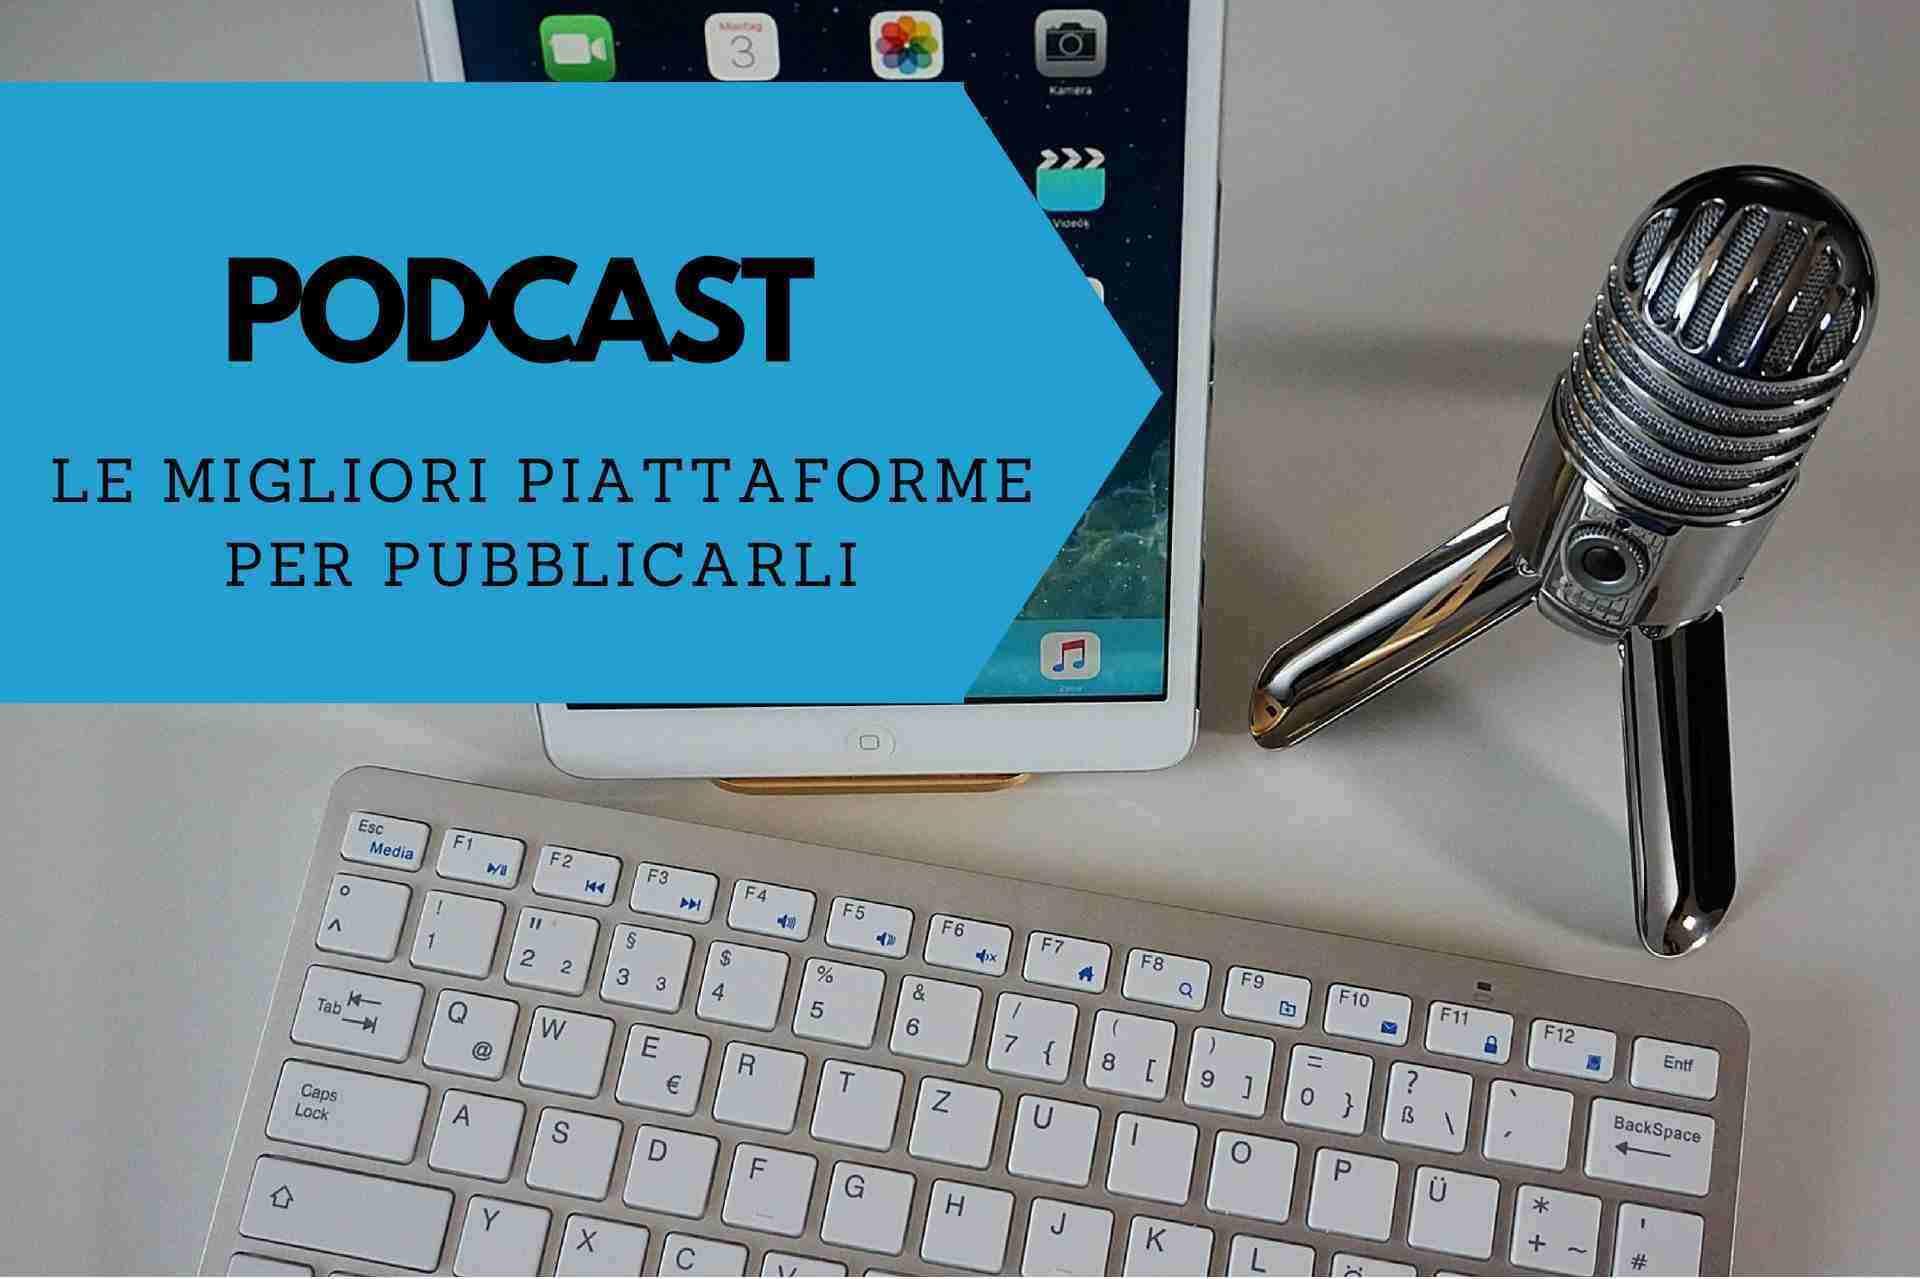 Siti Dove Caricare Foto podcast: le migliori piattaforme per pubblicarli - digital